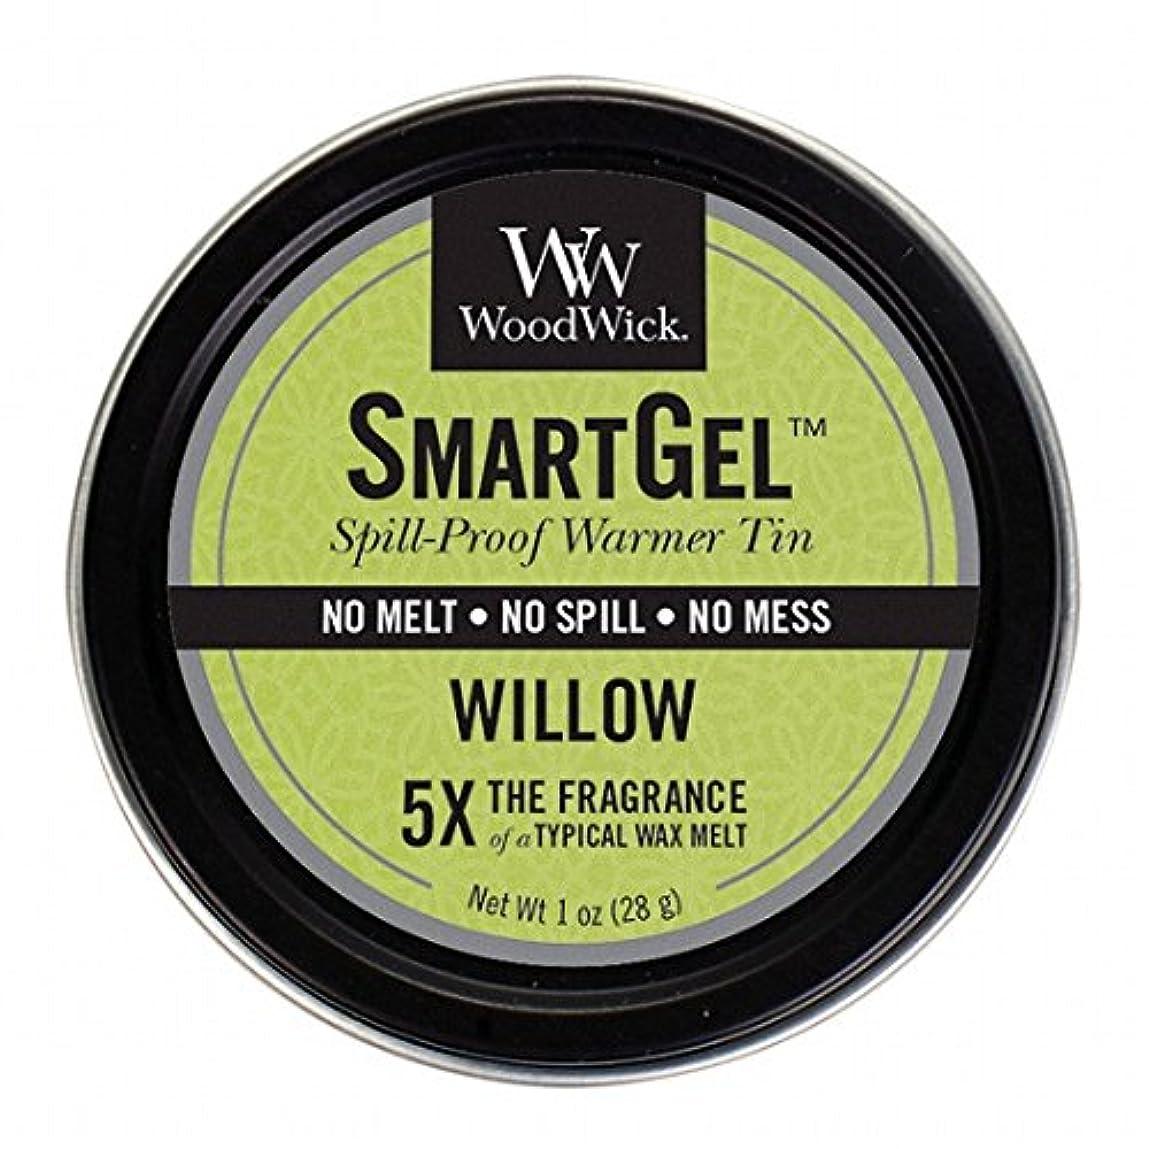 グラフィックレビュー急いでWoodWick(ウッドウィック) Wood Wickスマートジェル 「 ウィロー 」W9630525(W9630525)